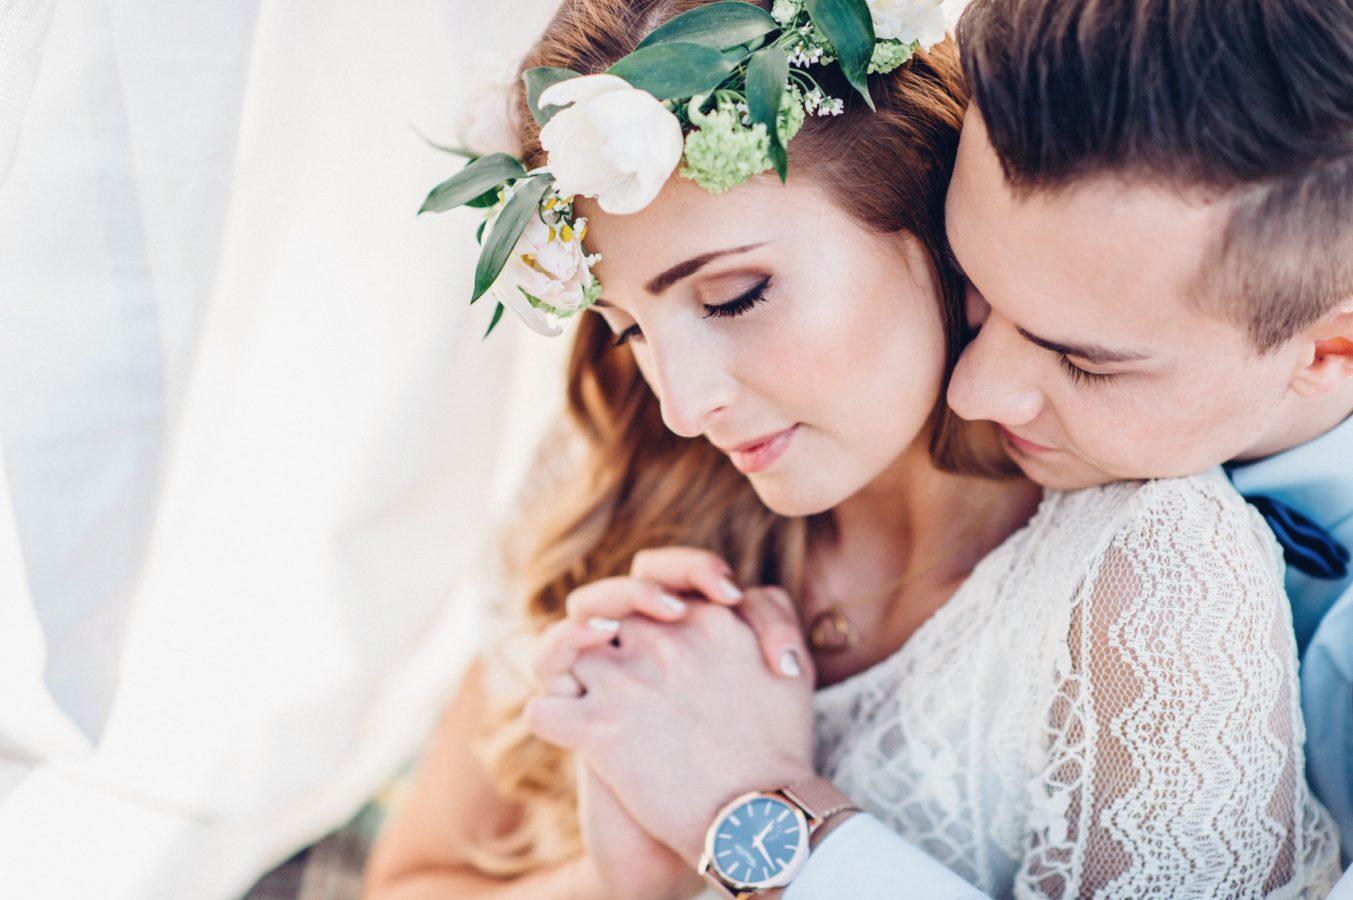 Fotos HochzeitsreportagenFotoskreativ wedding bohemian hochzeitsfotos 37